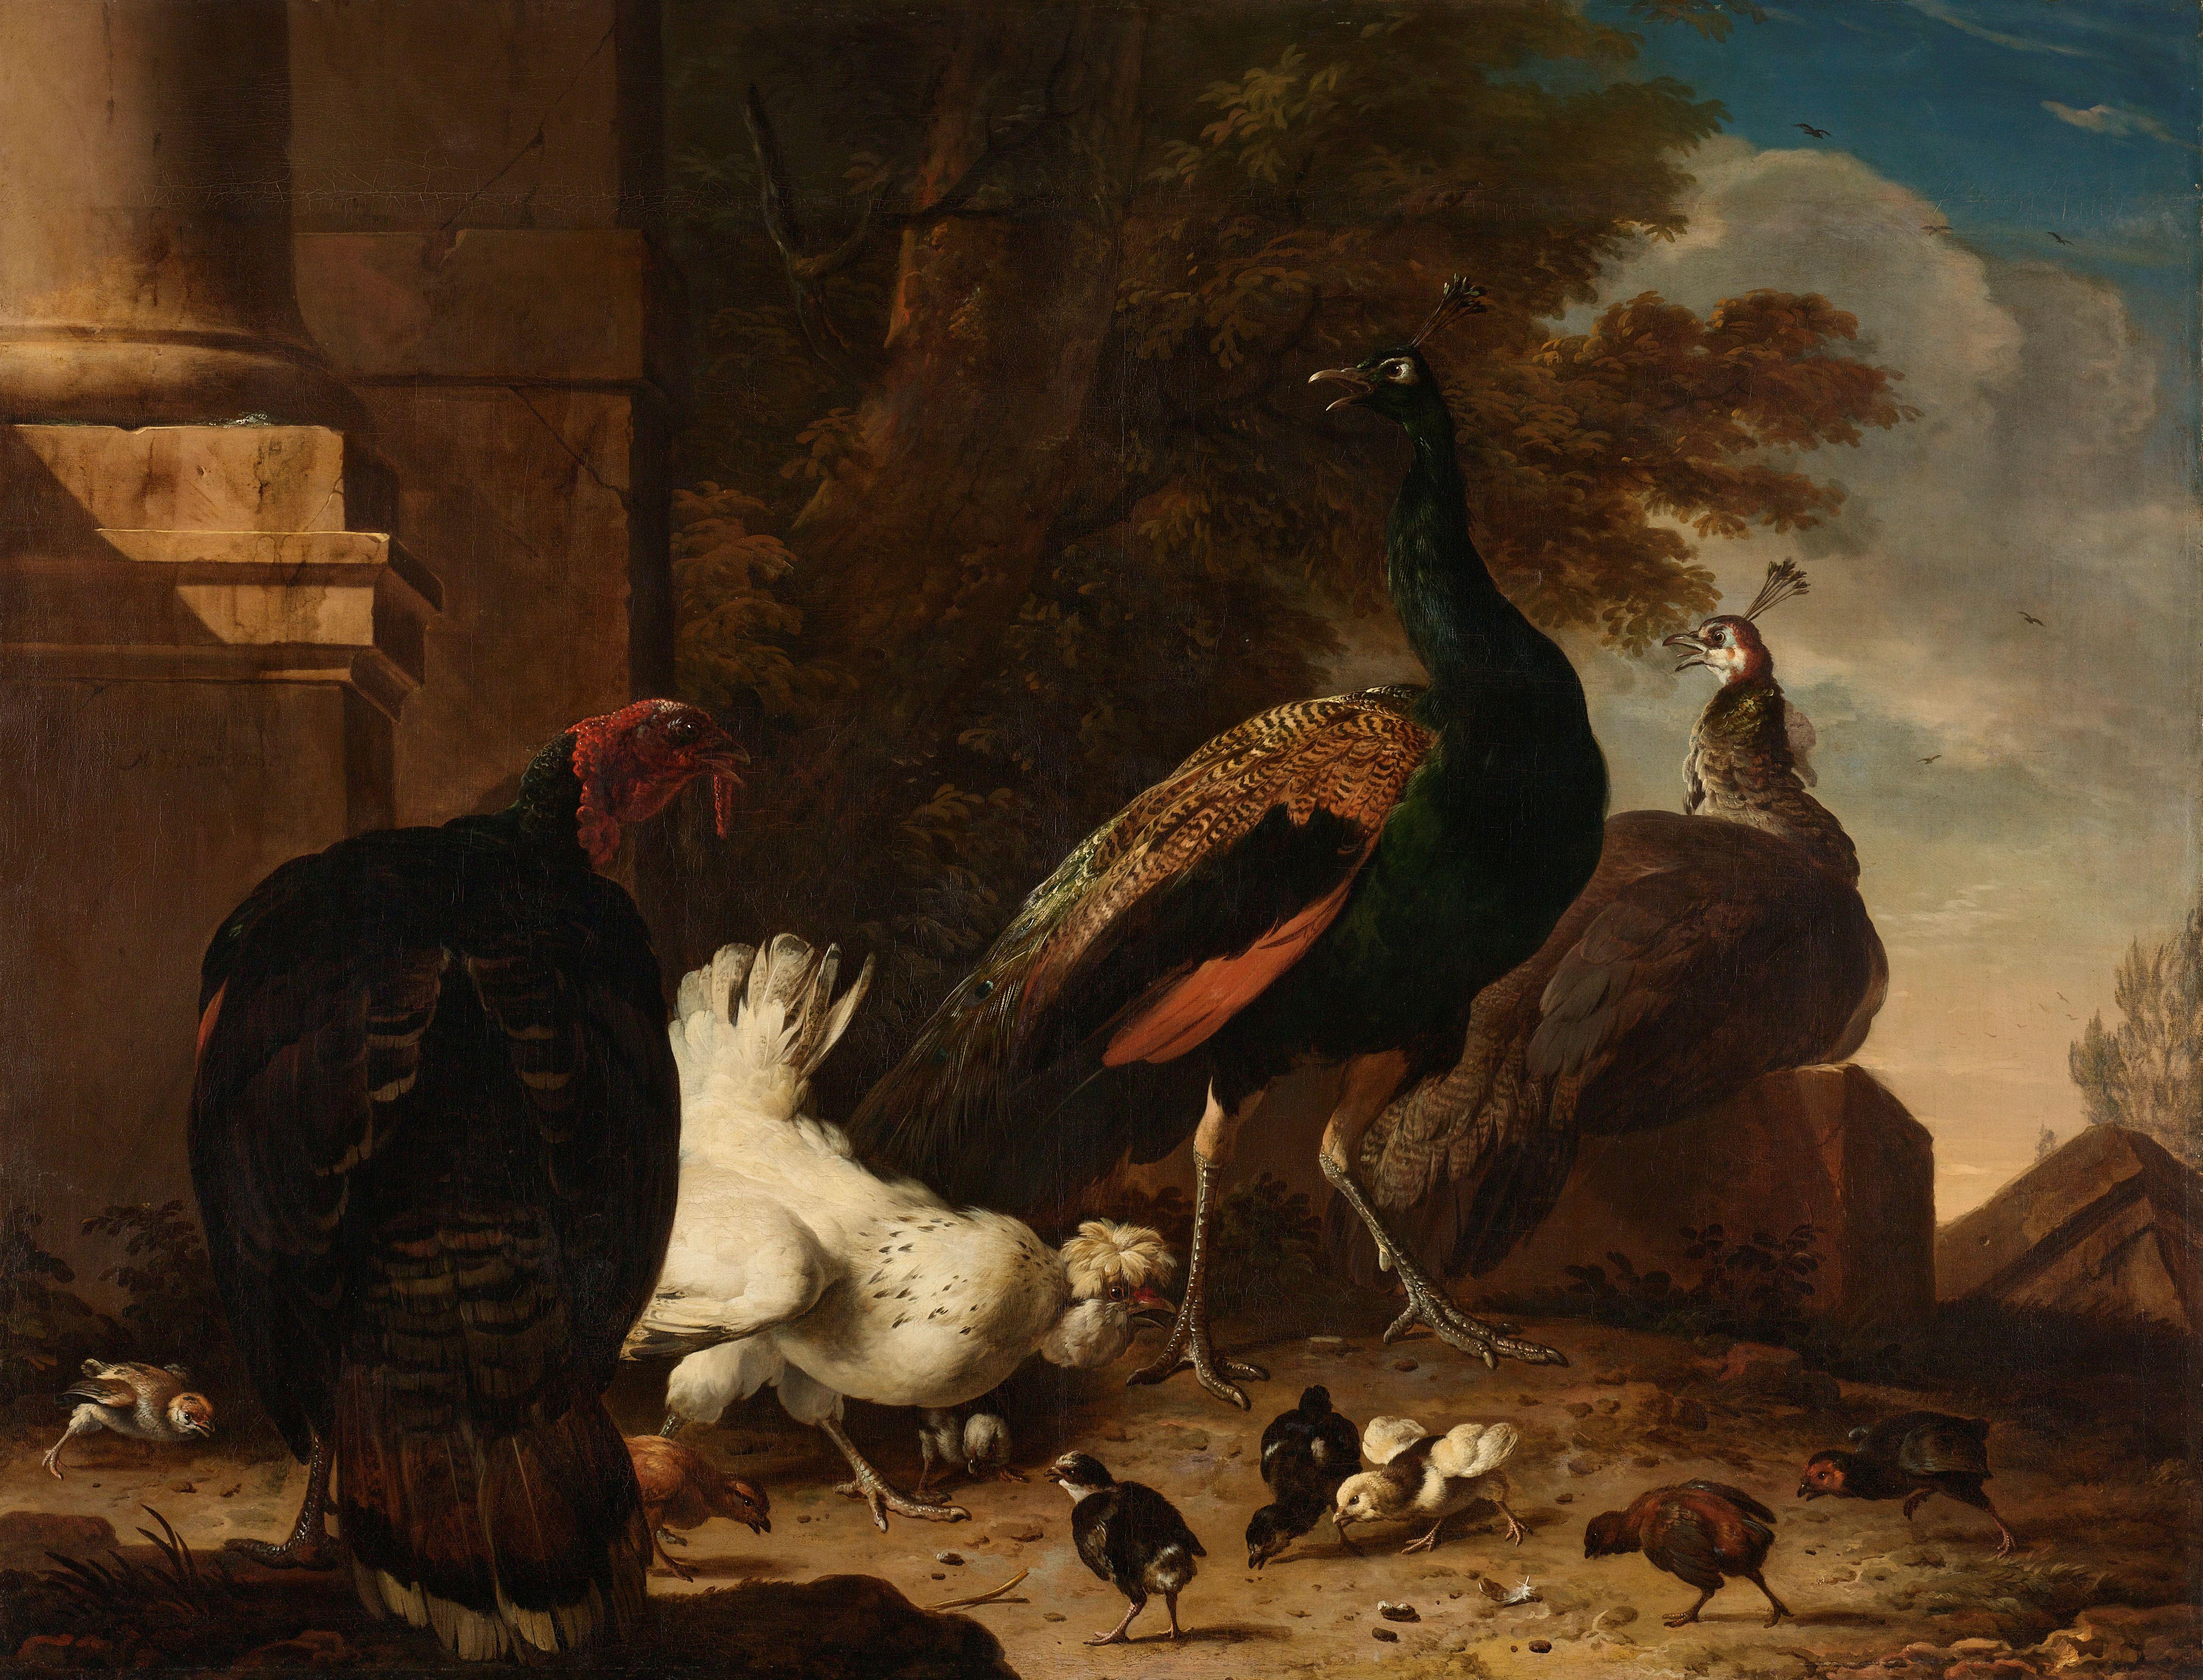 Een hen met pauwen en een kalkoen, Melchior de Hondecoeter, in bezit van het Rijks.